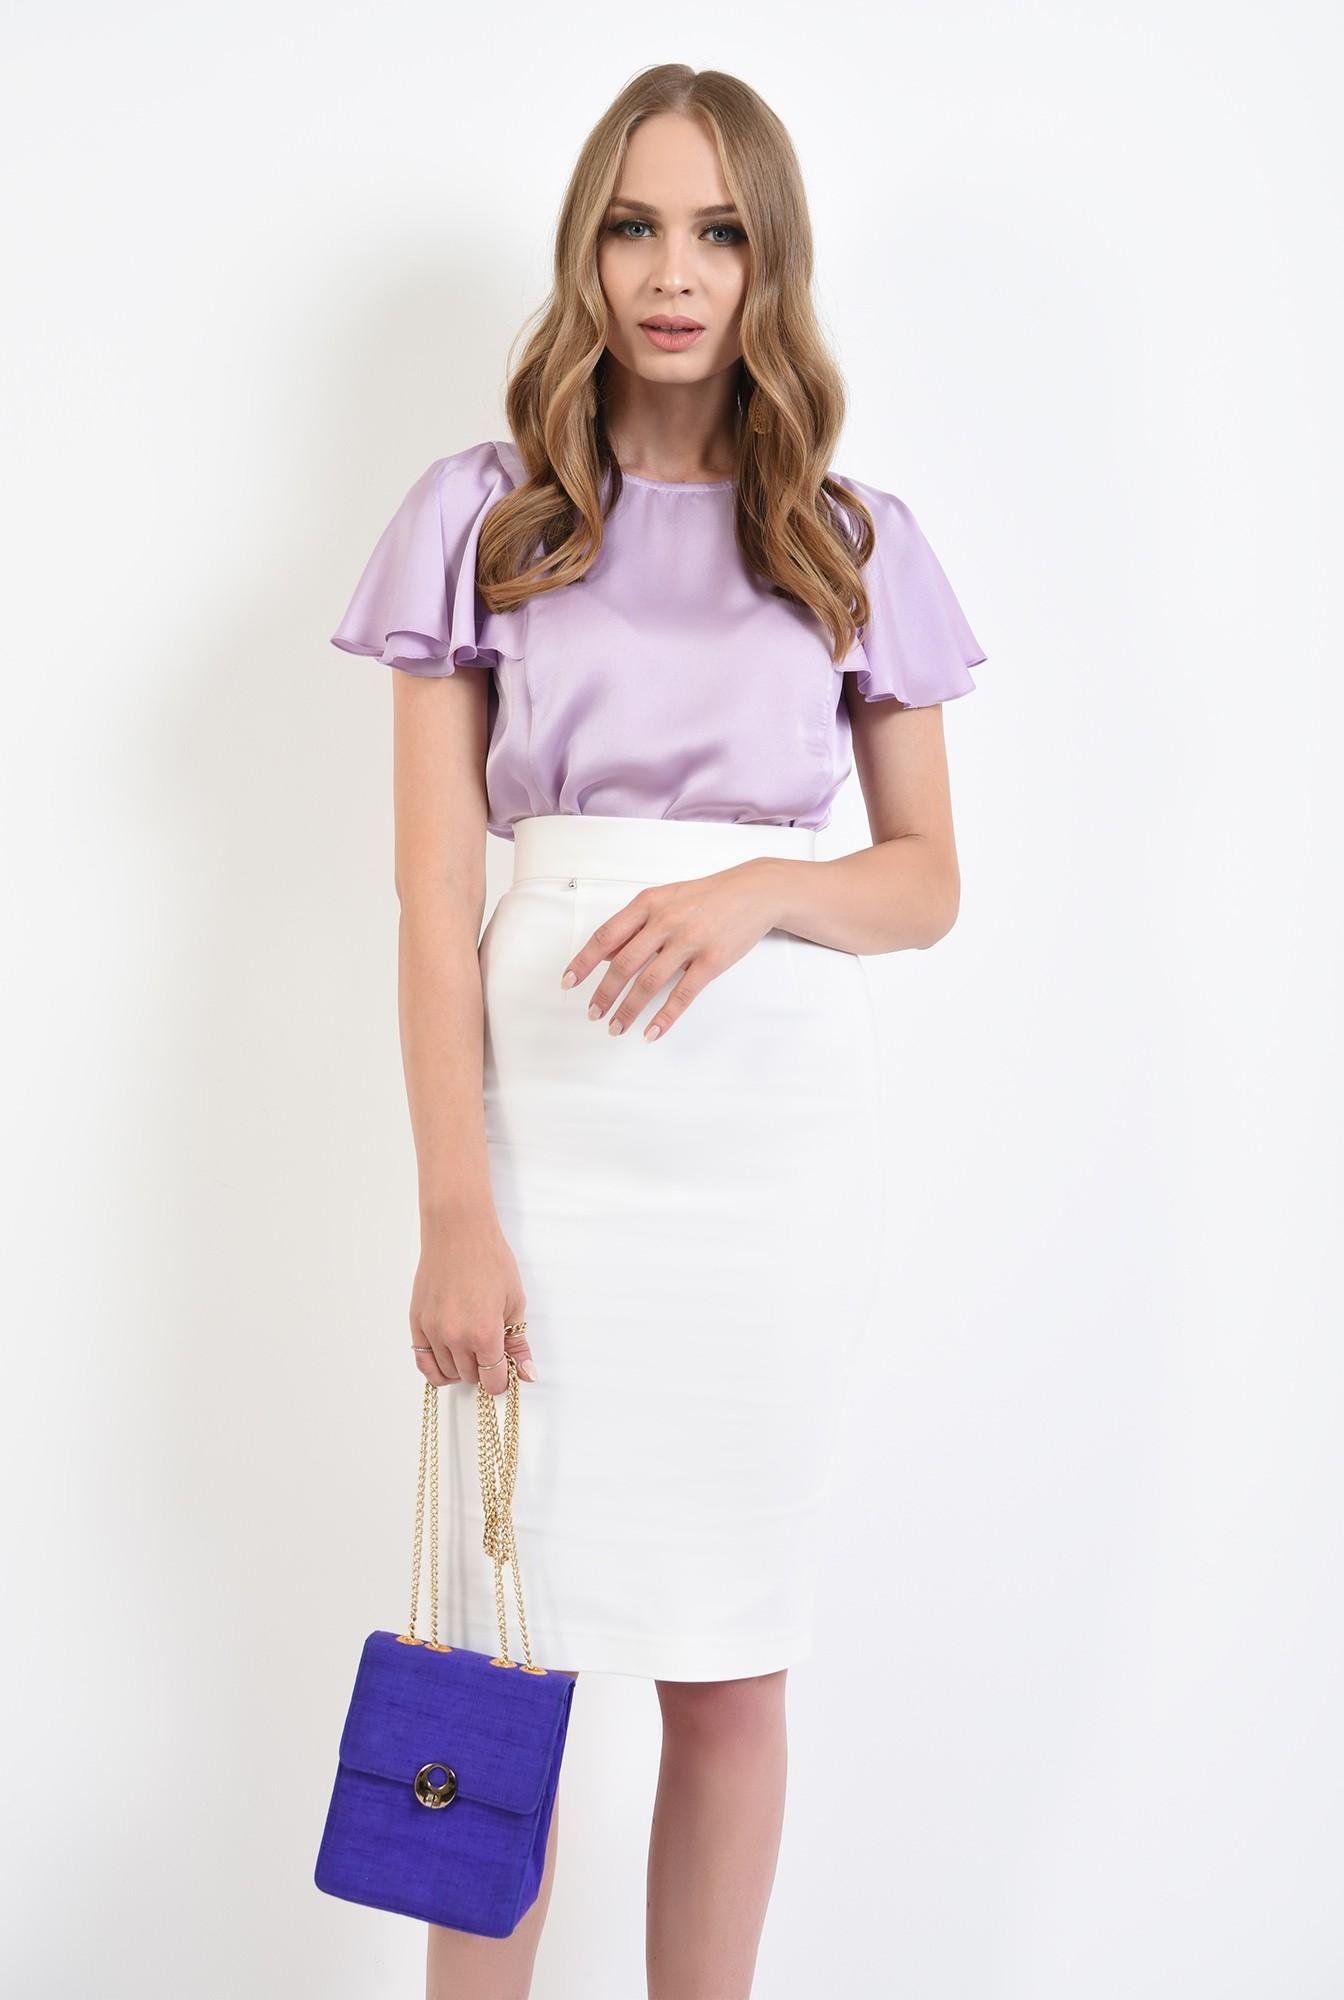 0 - 360 - bluza lila, cu maneca fluture, Poema